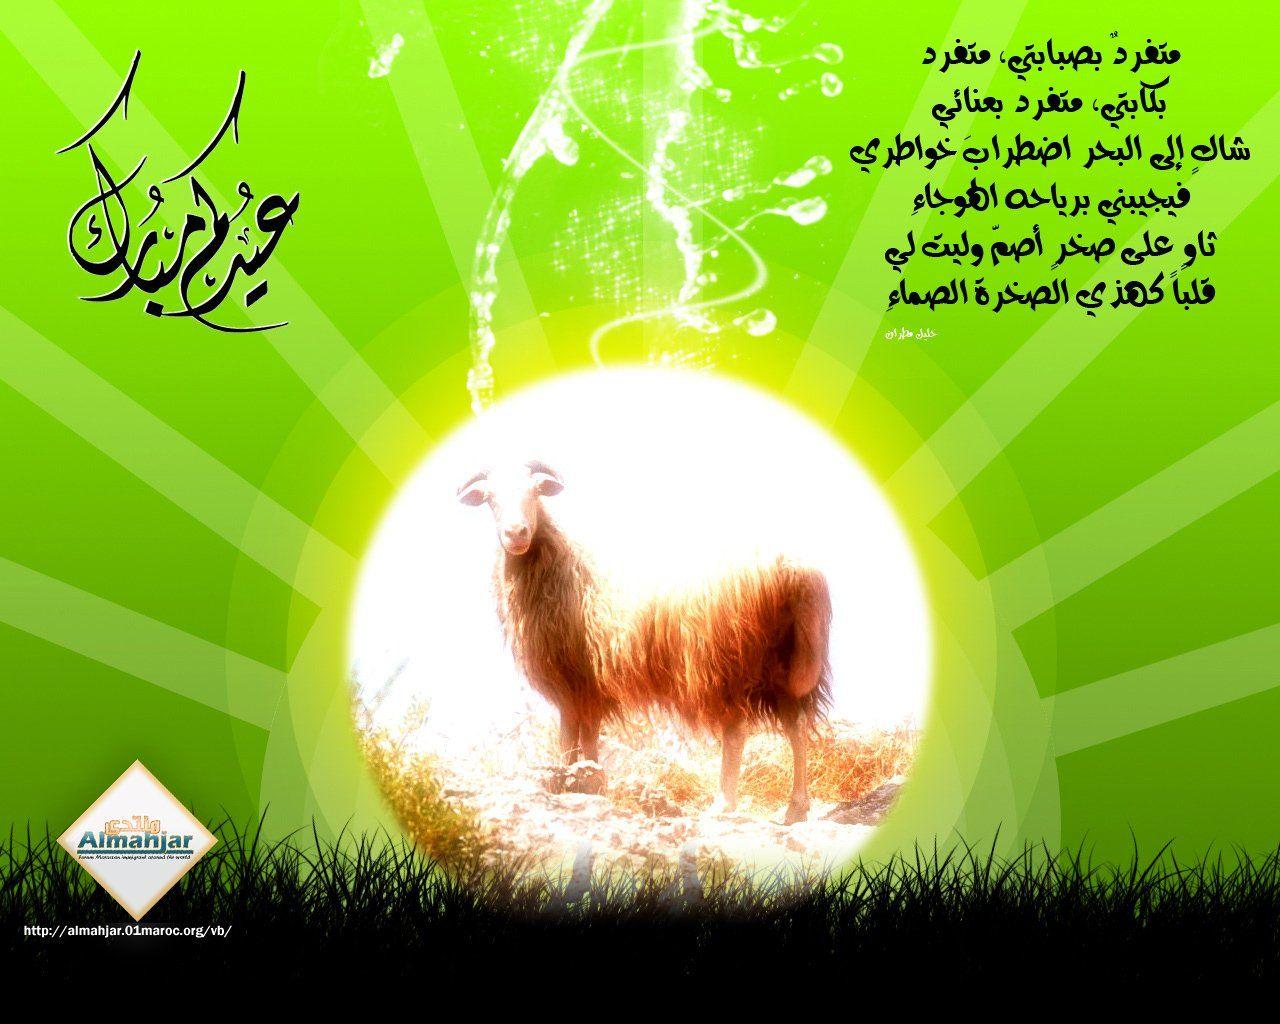 تحميل صور وخلفيات عيد الأضحى الجديدة 2015 لغة العصر Movie Posters Eid Al Adha Movies